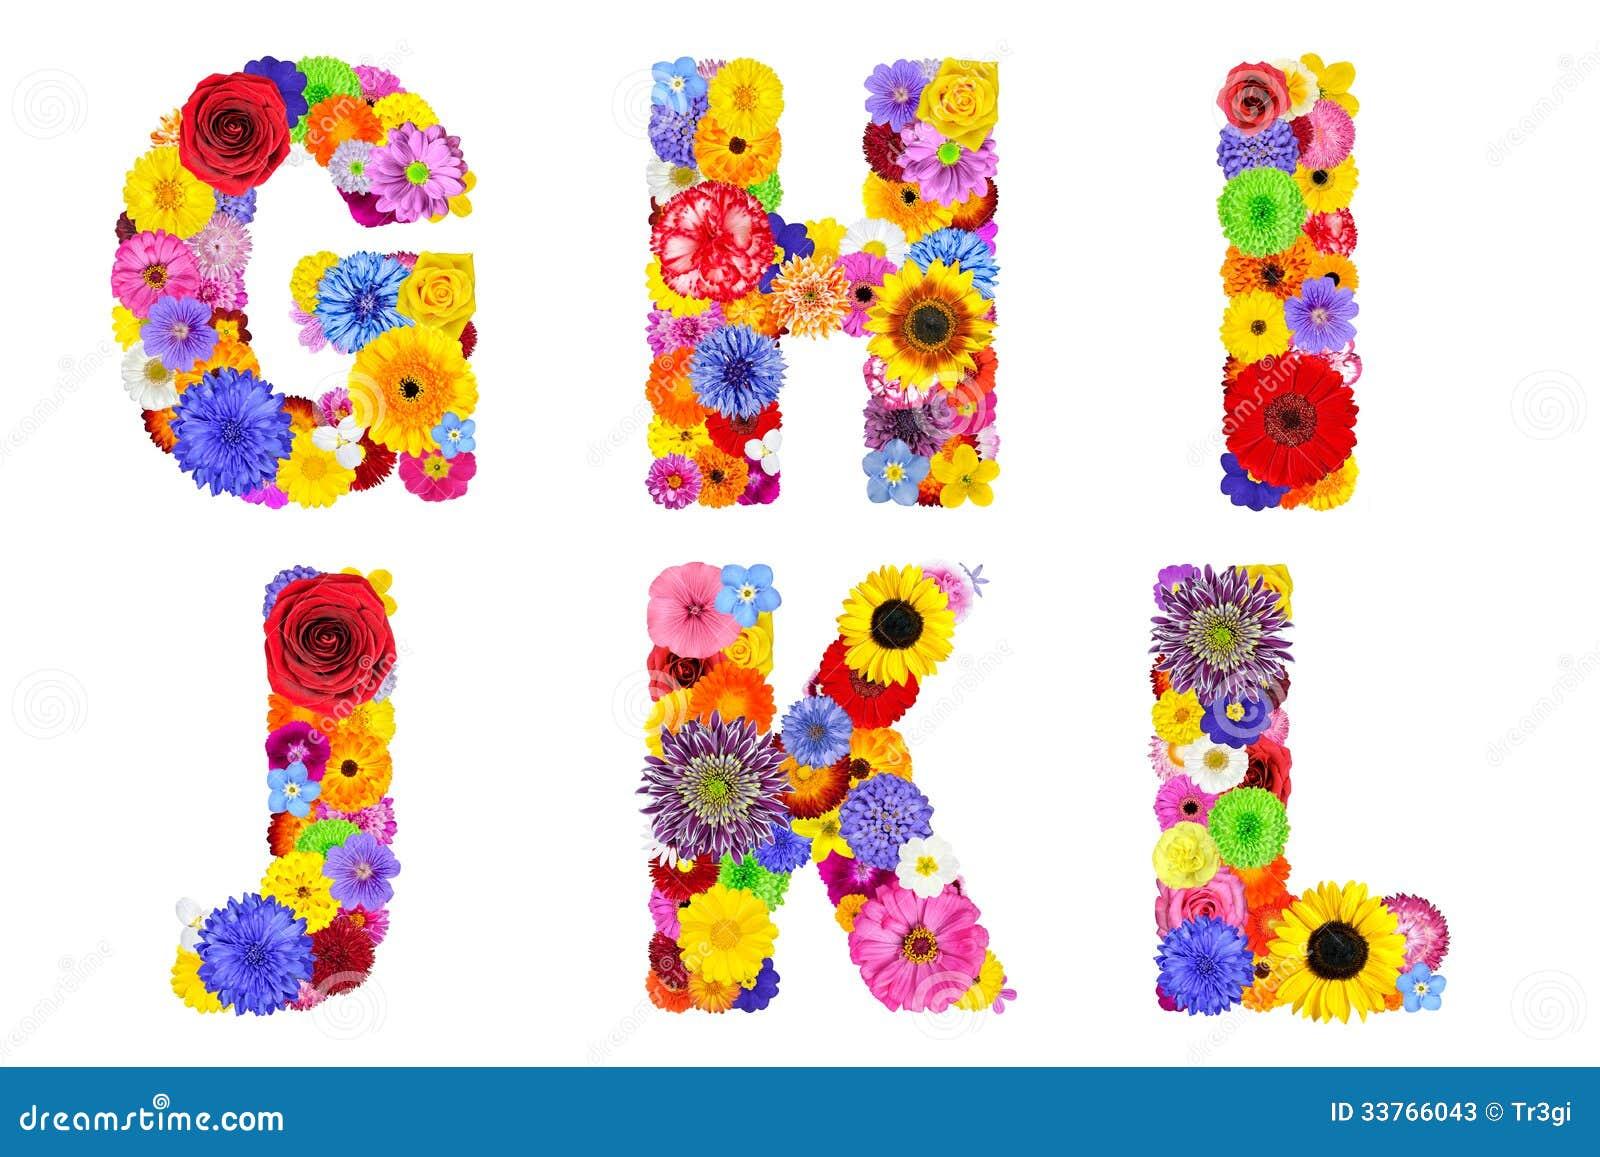 狠狠的抽愹�nZI�j�_六封信件g, h, i, j, k, l由许多五颜六色和原始的花制成.